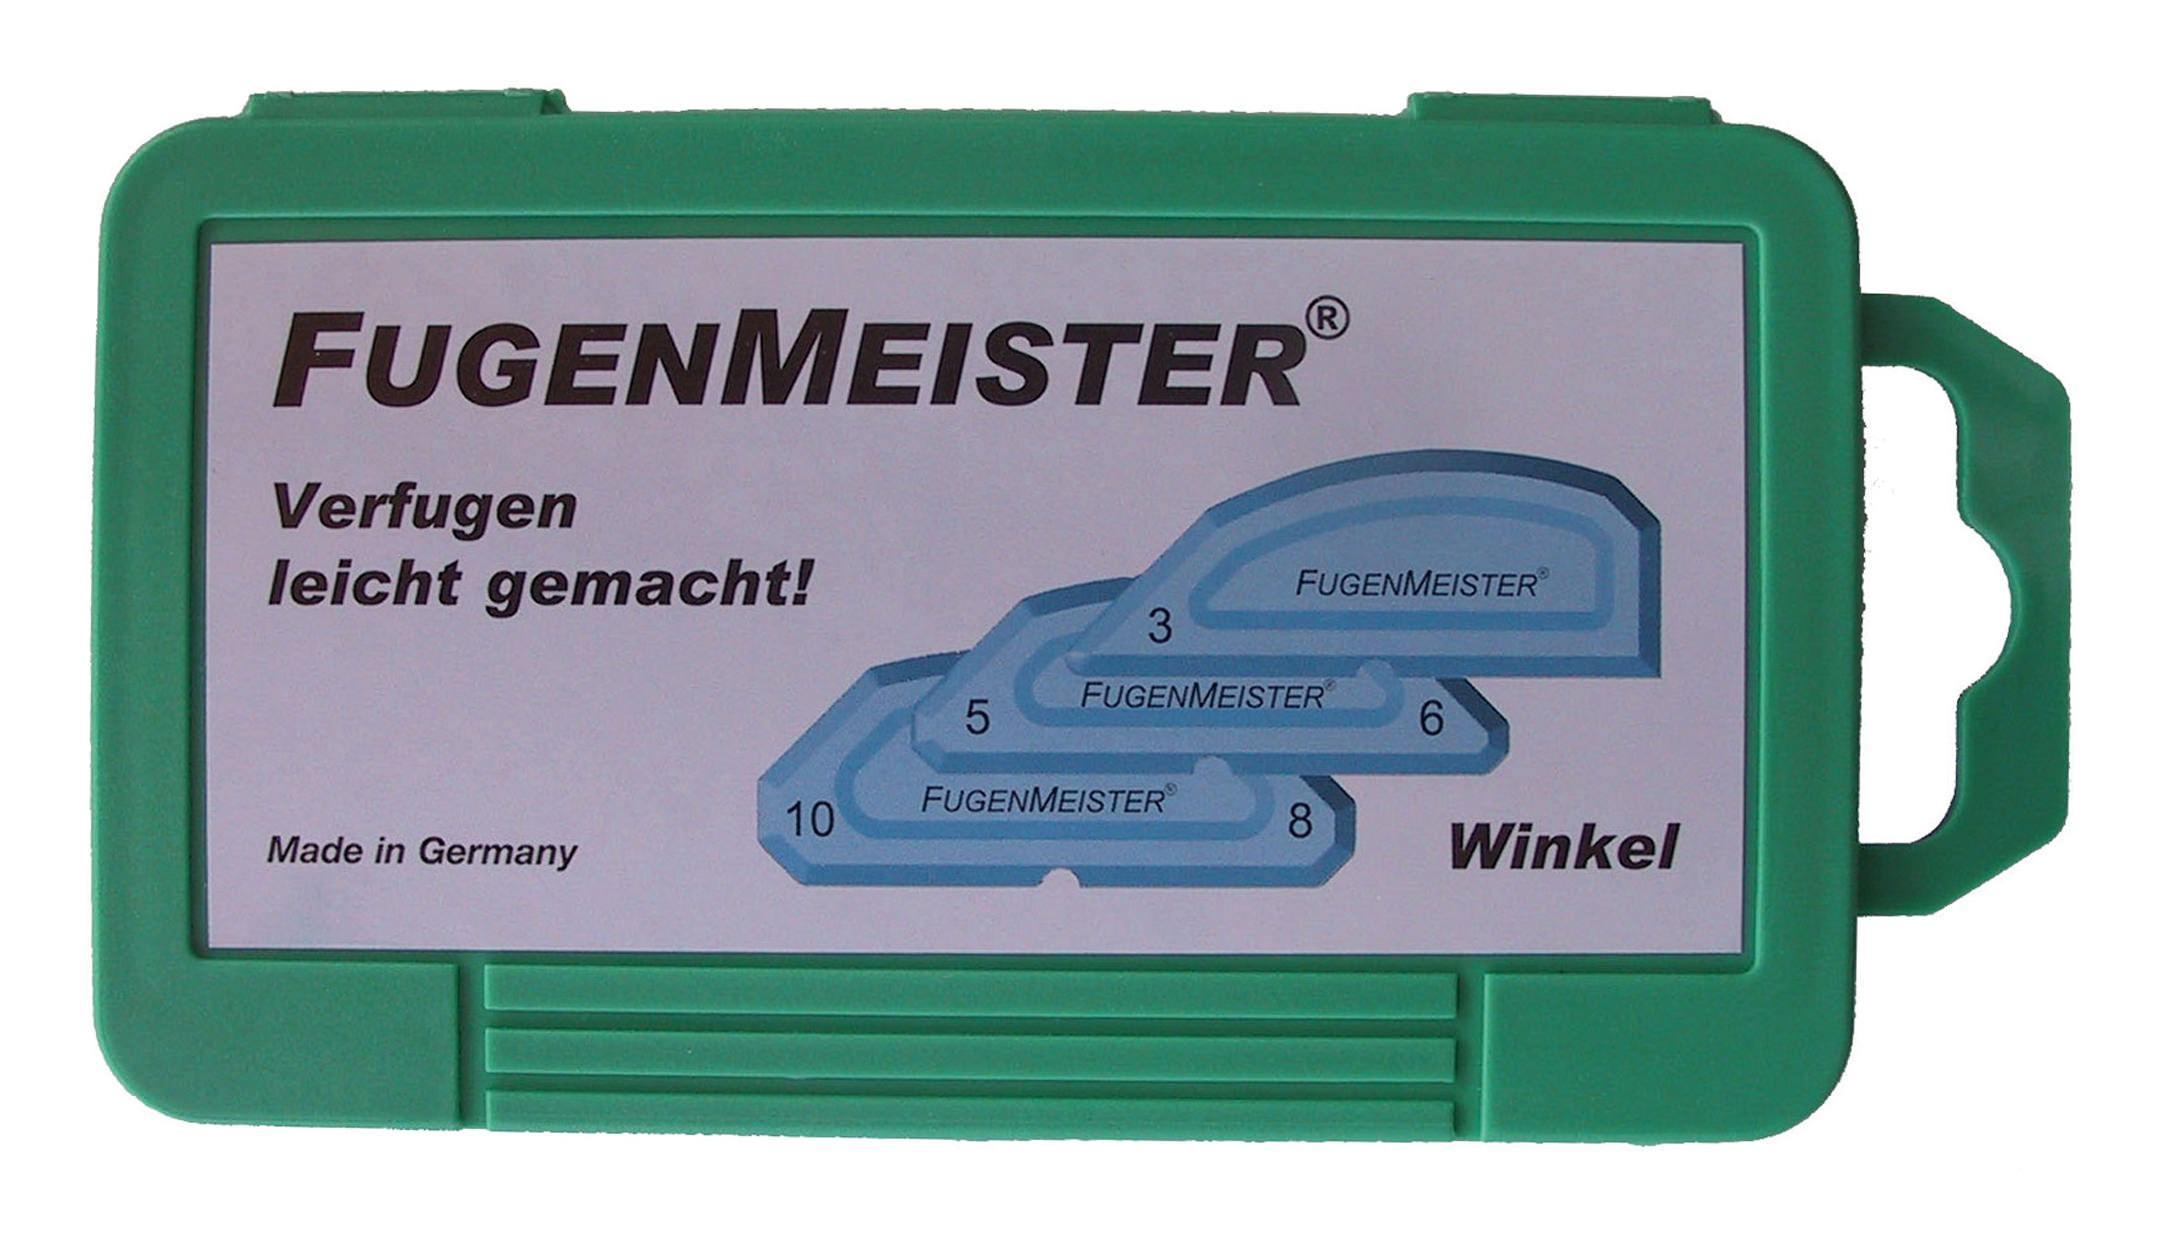 H&H Fugenmeister Winkel - W-03